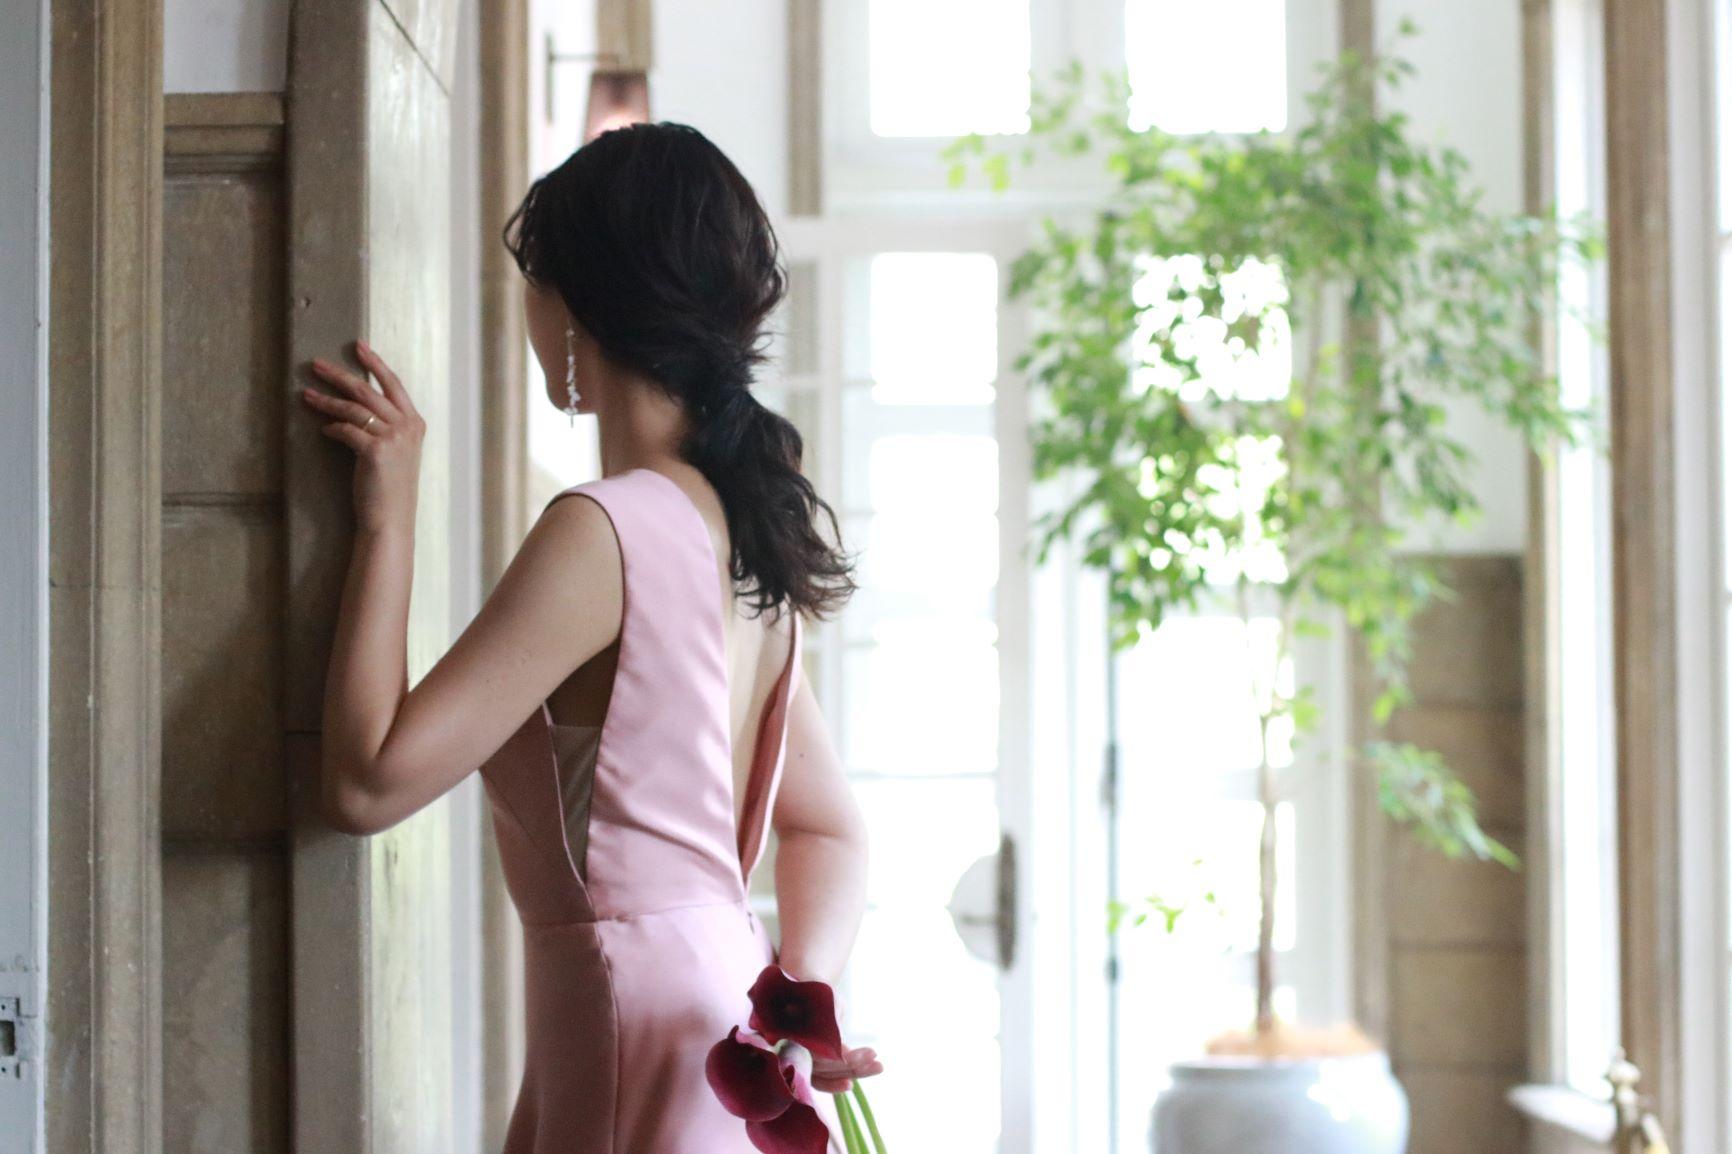 東京表参道の人気ドレスショップ、ザ・トリート・ドレッシングでは、お色直しや前撮りで人気のダウンヘアや大振りイヤリング、カラーのブーケと相性抜群のシンプルで写真映えするお衣裳を多く取り扱っております